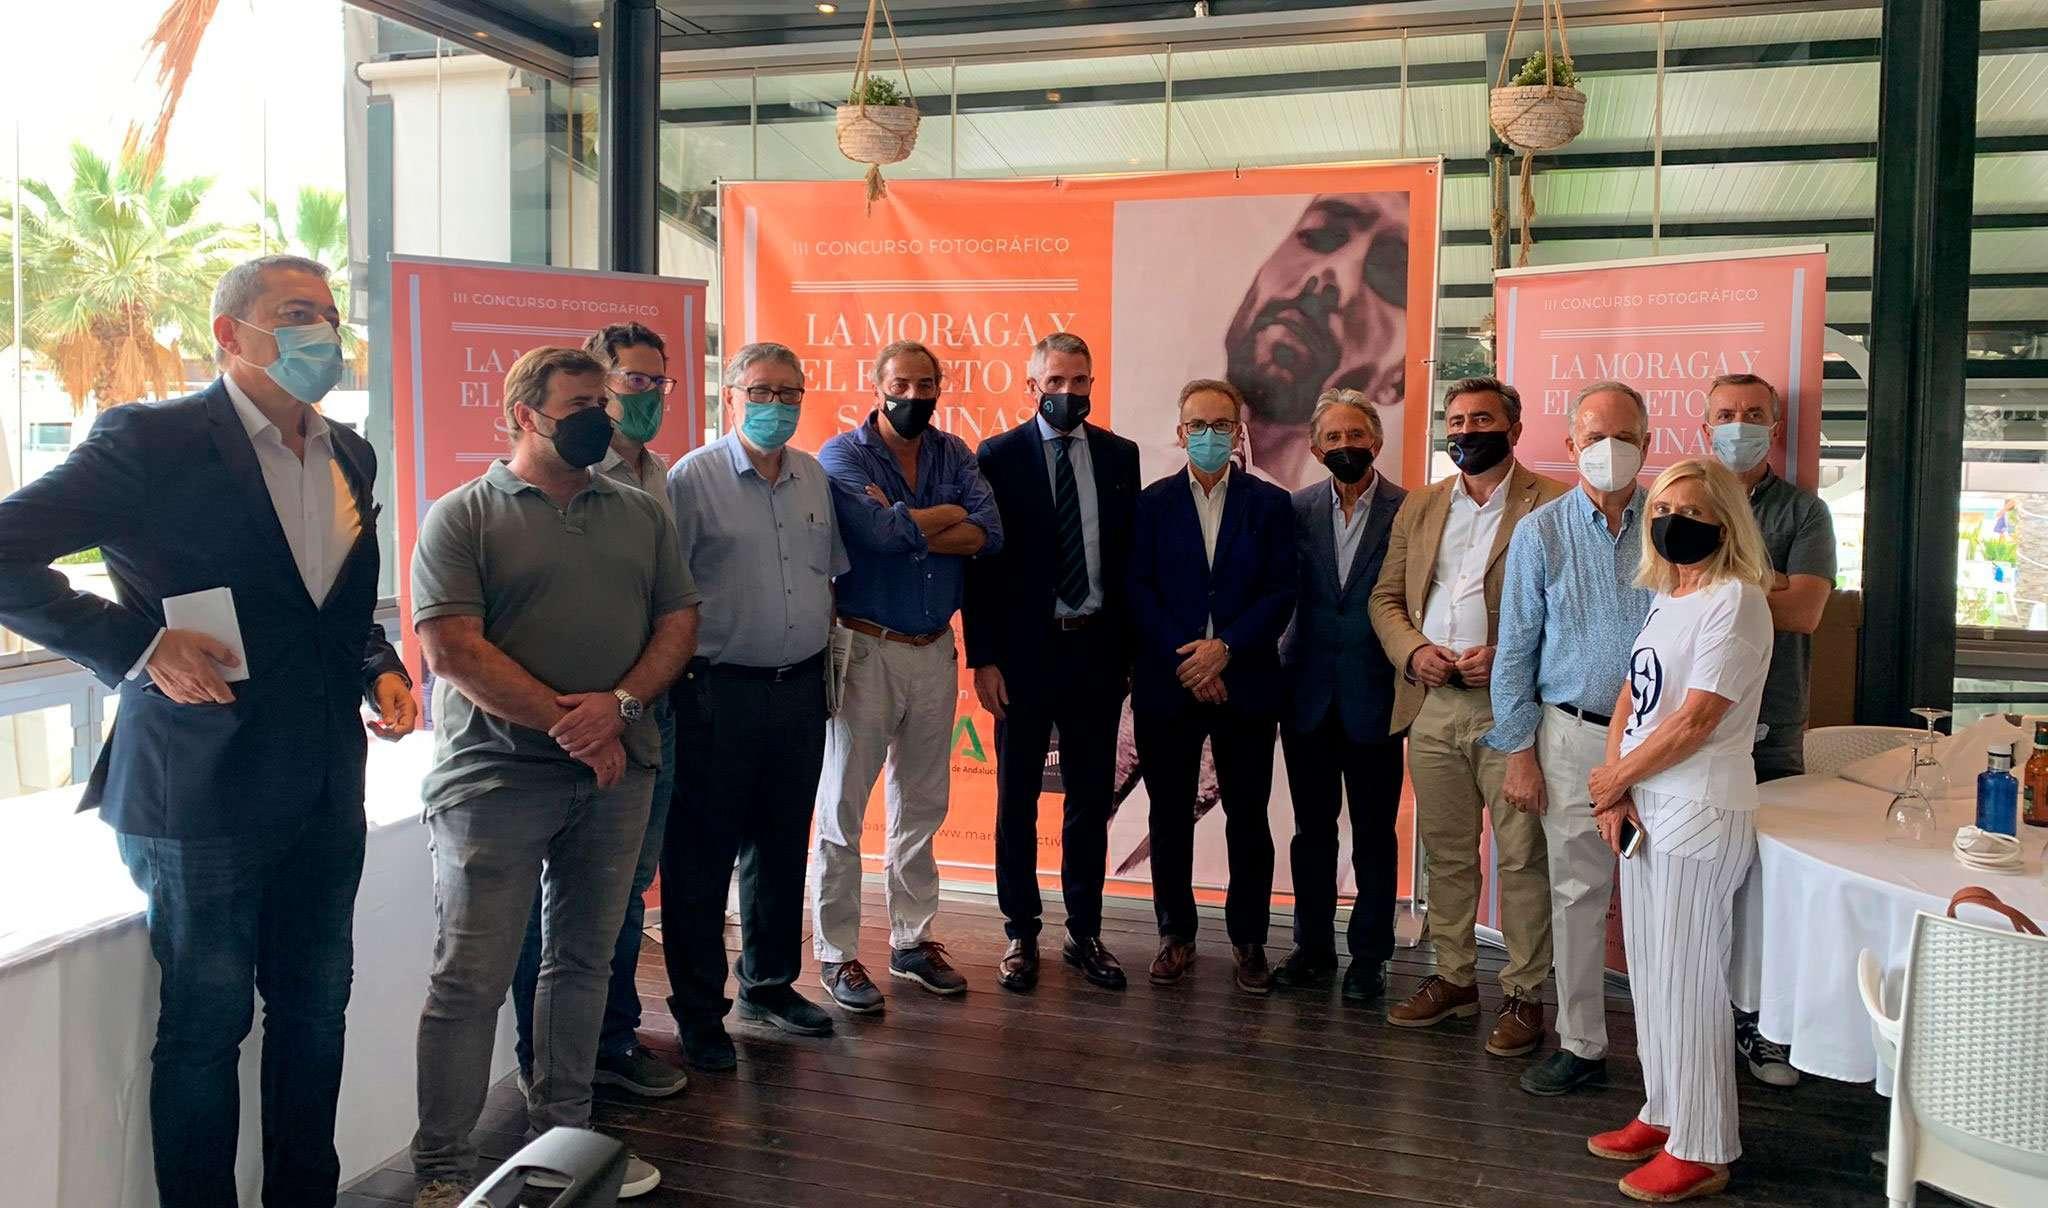 Patrocinado por la Diputación Provincial a través de la marca promocional 'Sabor a Málaga', el premio para el ganador está dotado con 600 euros